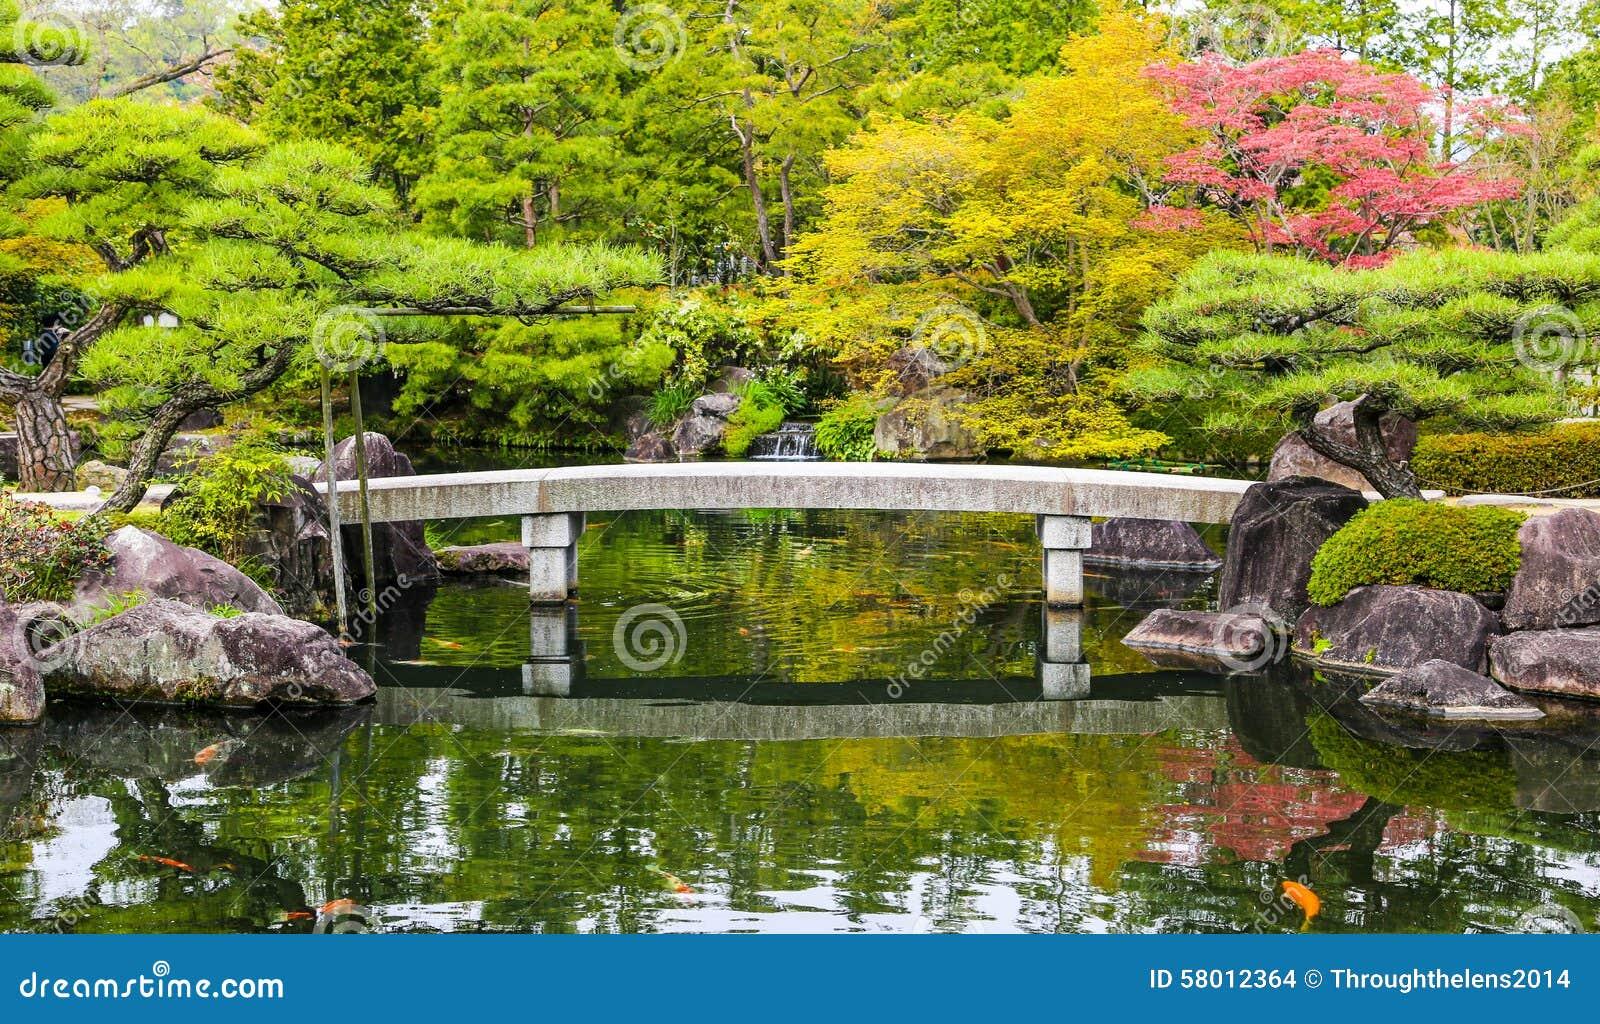 L 39 tang de jardin de zen avec le pont et la carpe p chent for Pont jardin zen